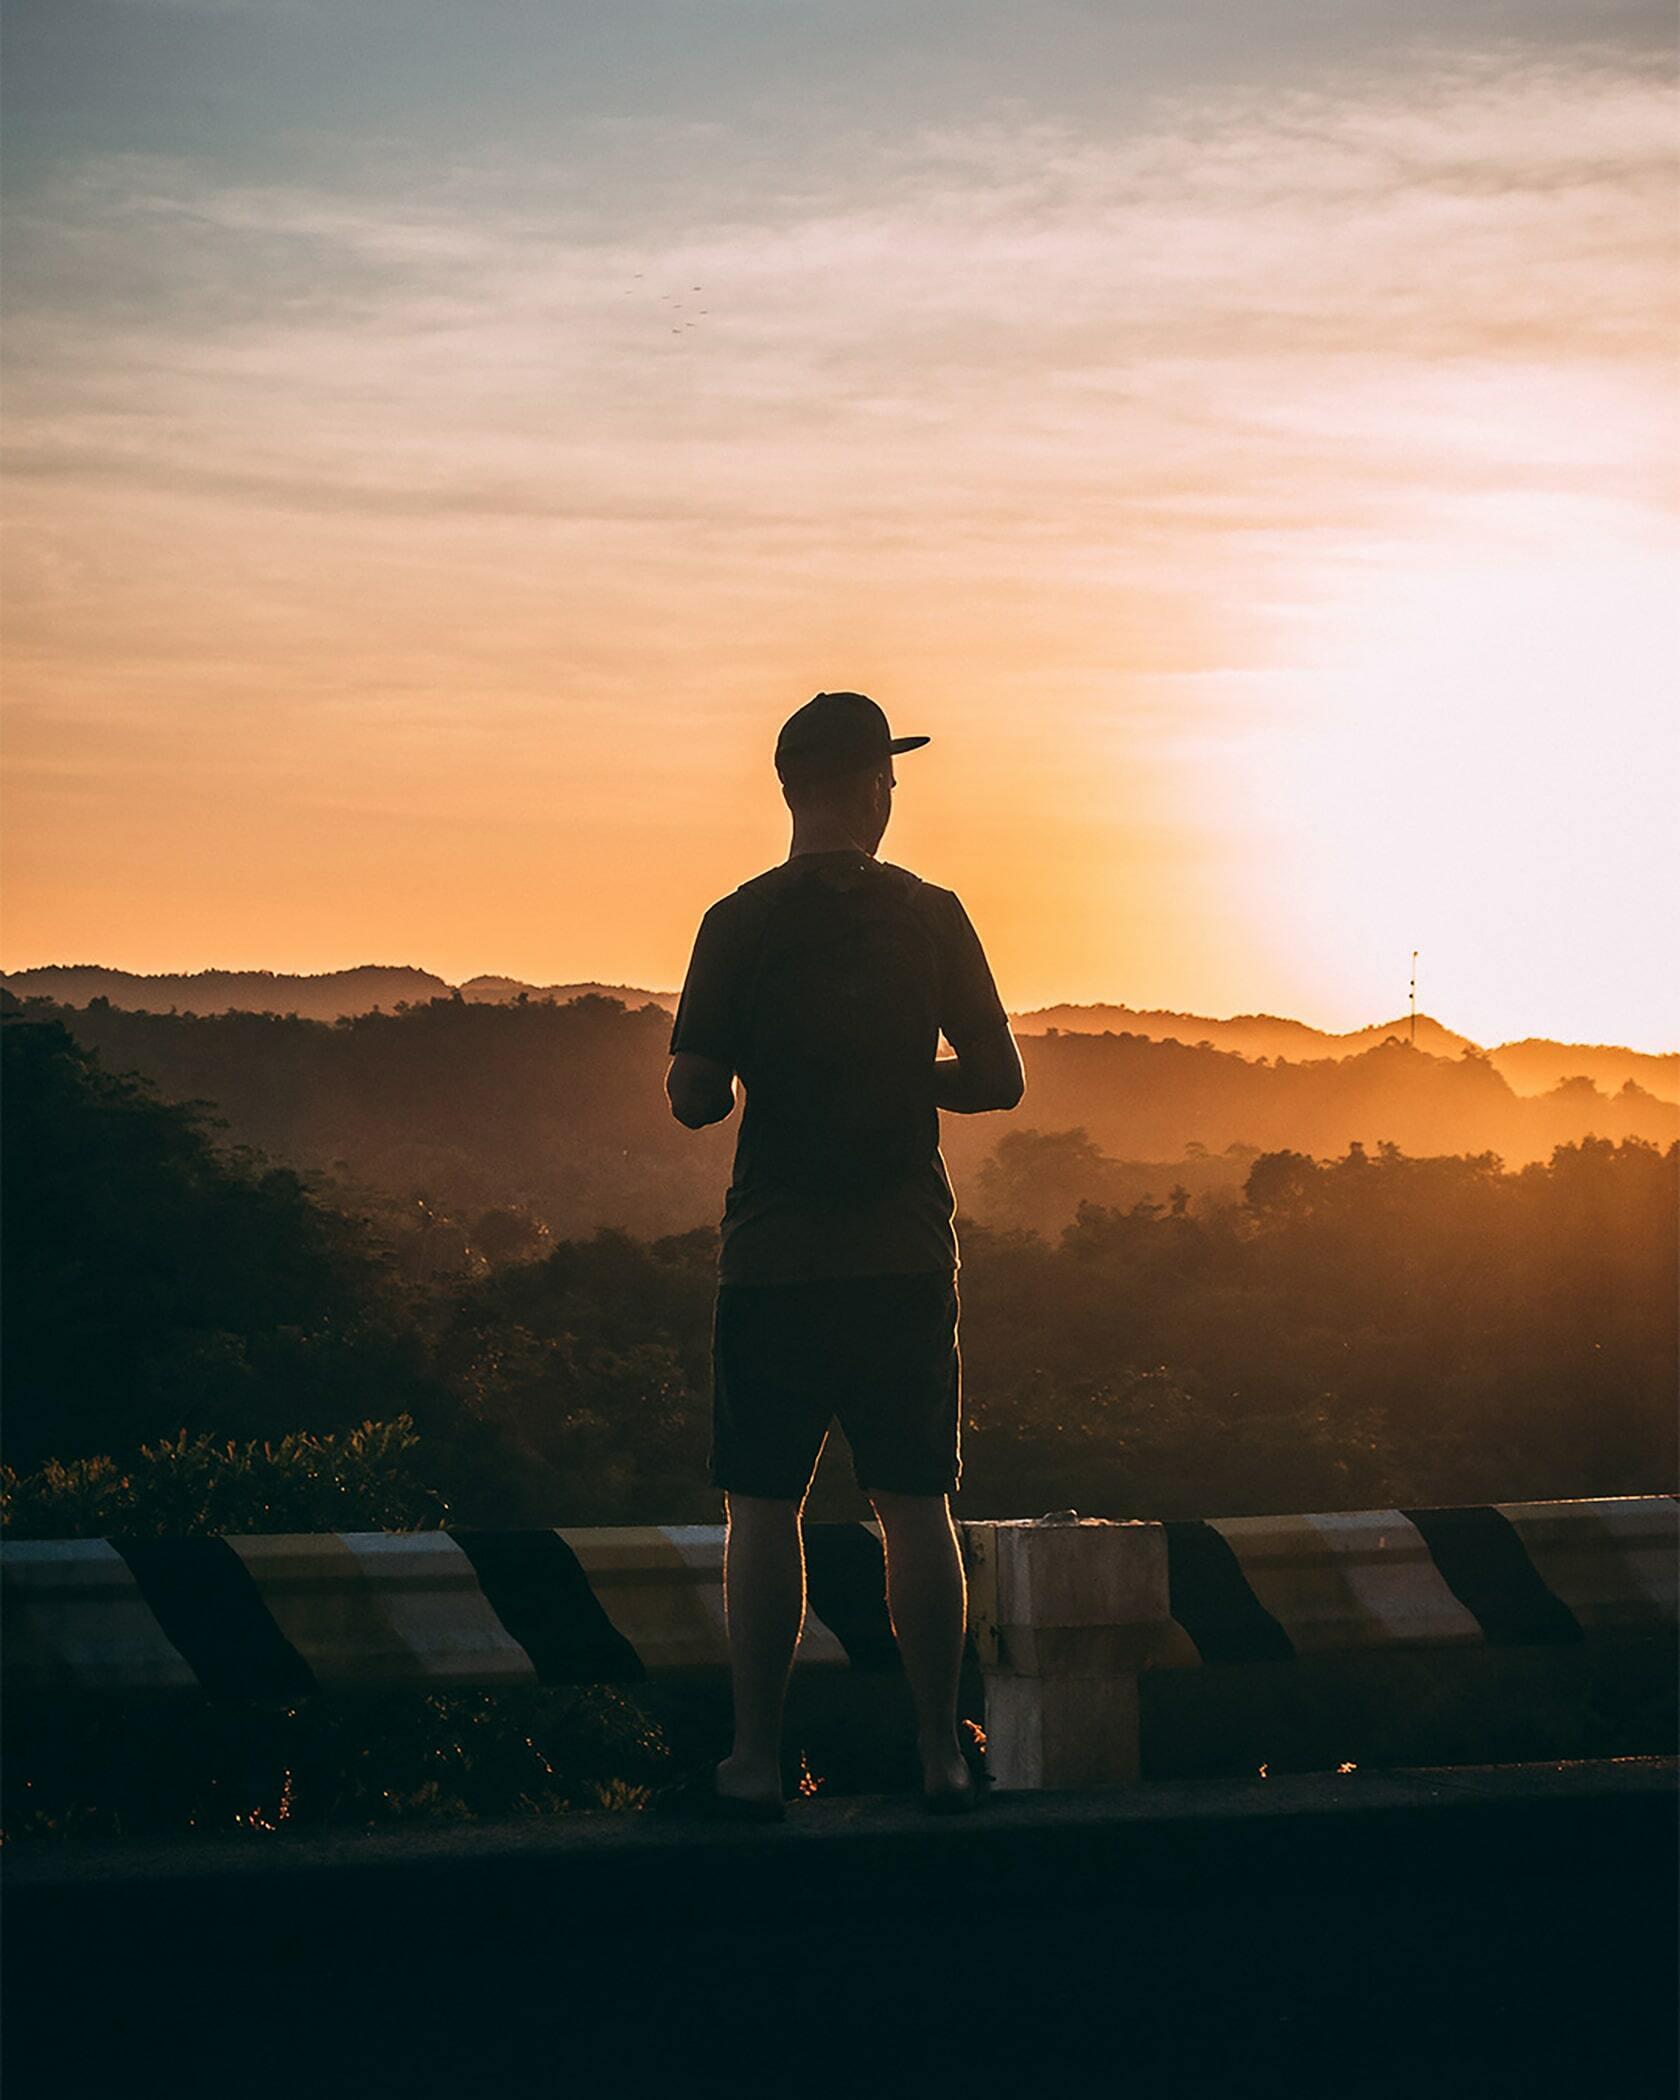 Foto van een persoon wat uit kijkt over het landschap tijdens de zonsondergang uit fotografie collectie mensen van Simon Wijers